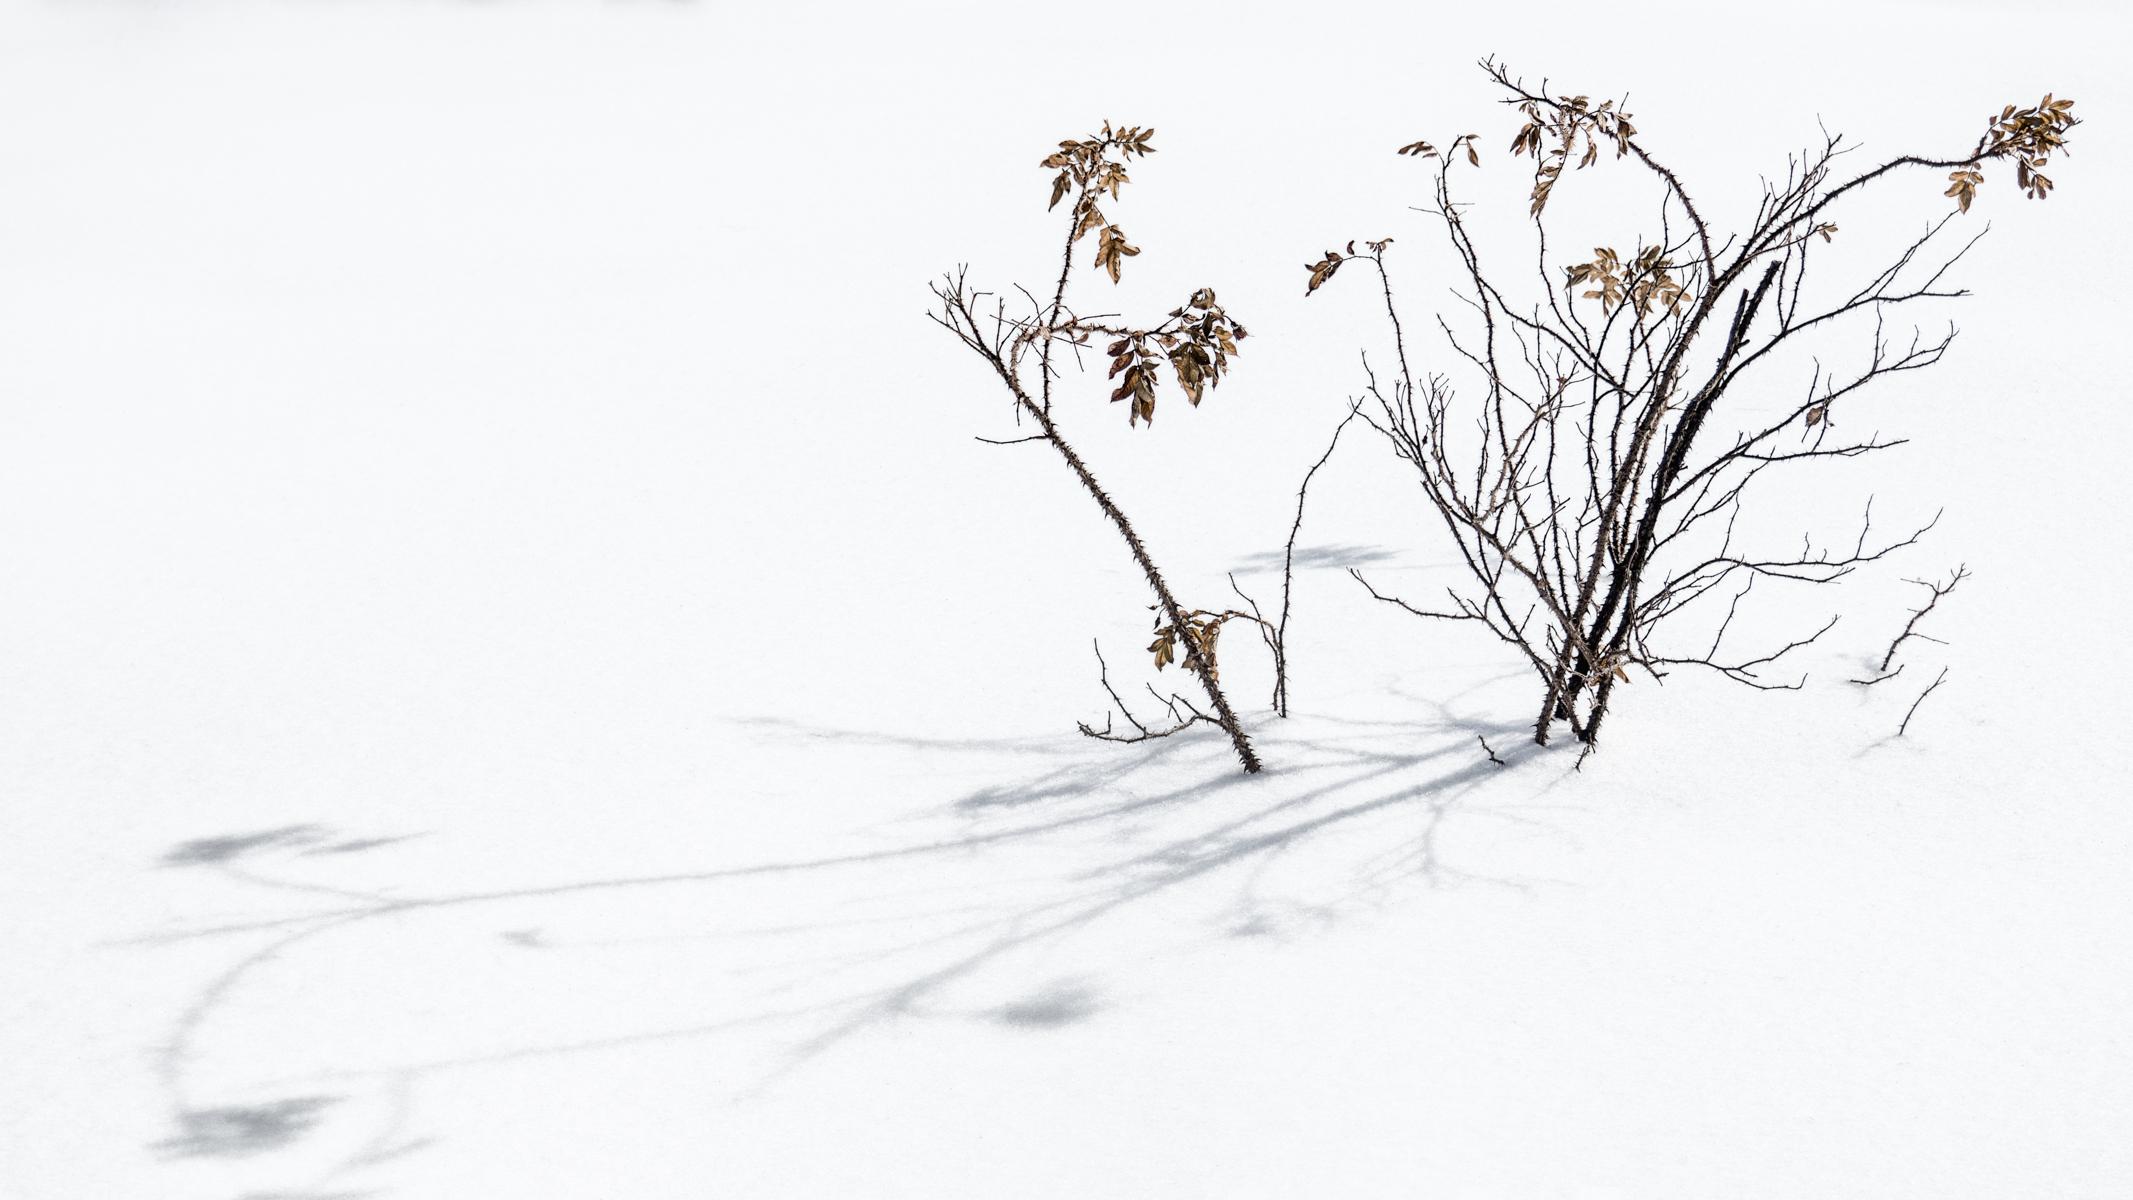 Fond D écran Dessin Ombre Neige Hiver Branche Gel Rose